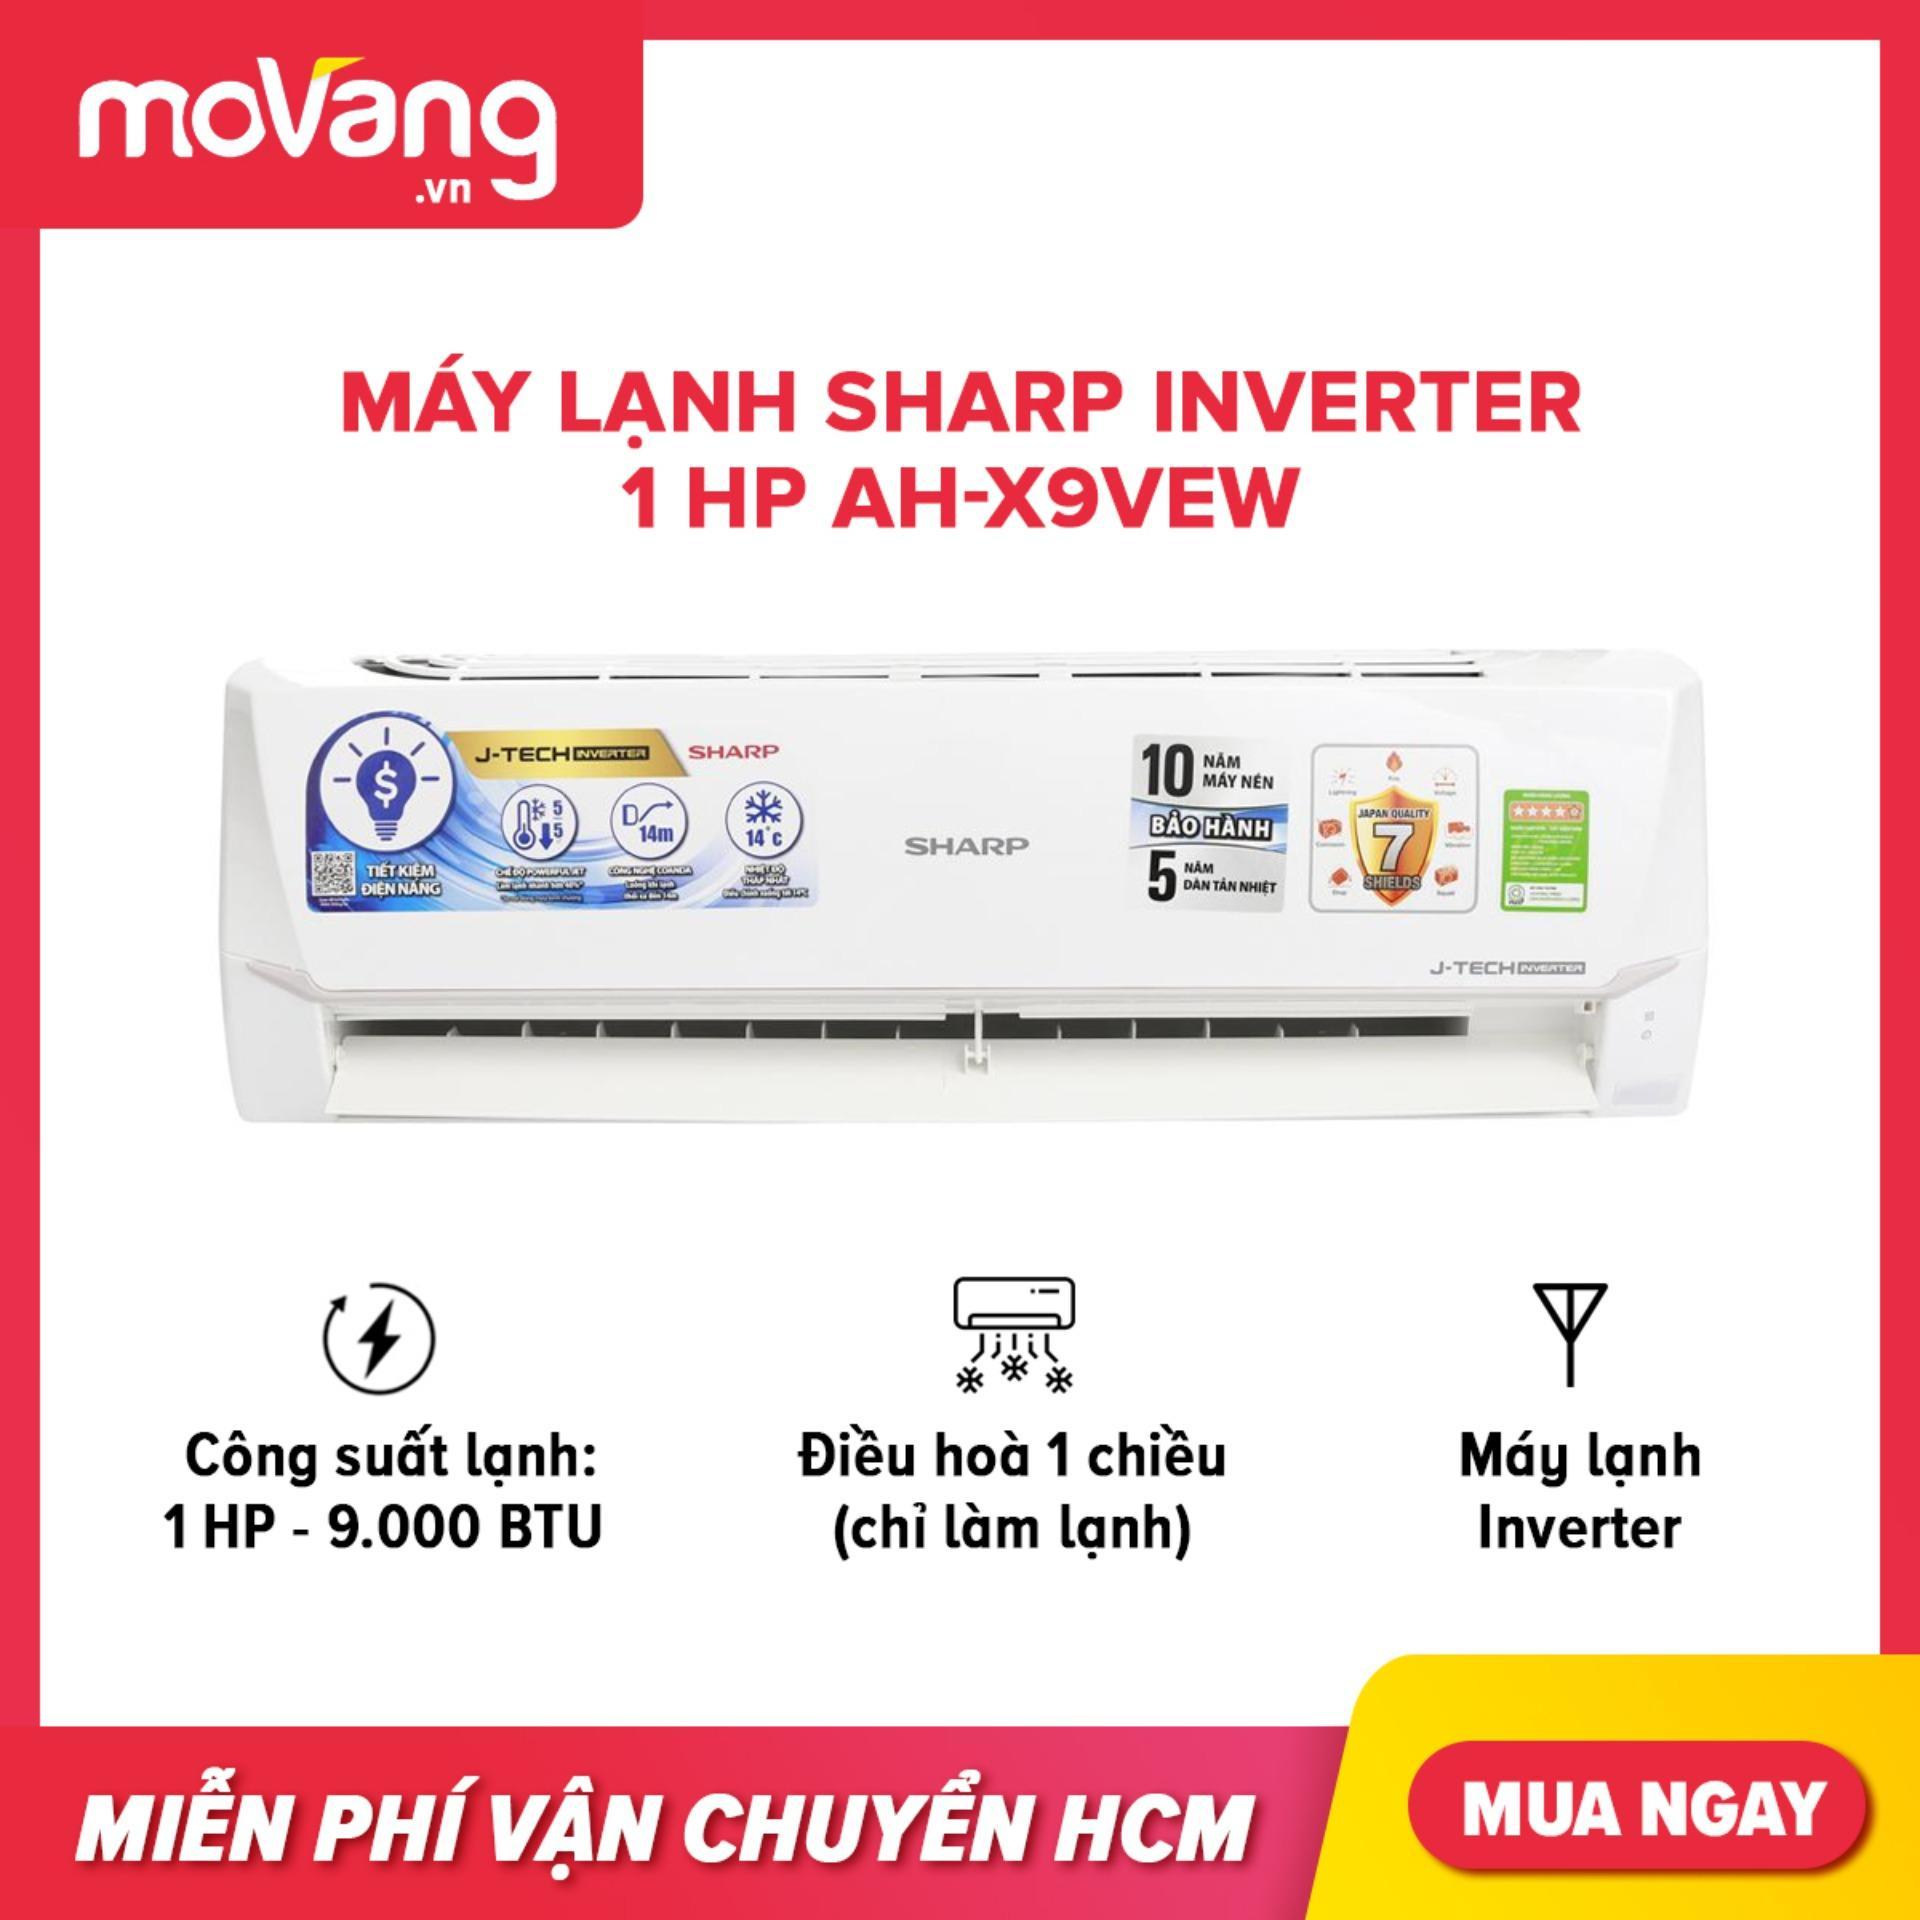 Bảng giá Máy lạnh Sharp Inverter 1 HP AH-X9VEW phạm vi làm lạnh dưới 15m2, công suất tiêu thụ 0.8 kW/h, công nghệ kháng khuẩn khử mùi